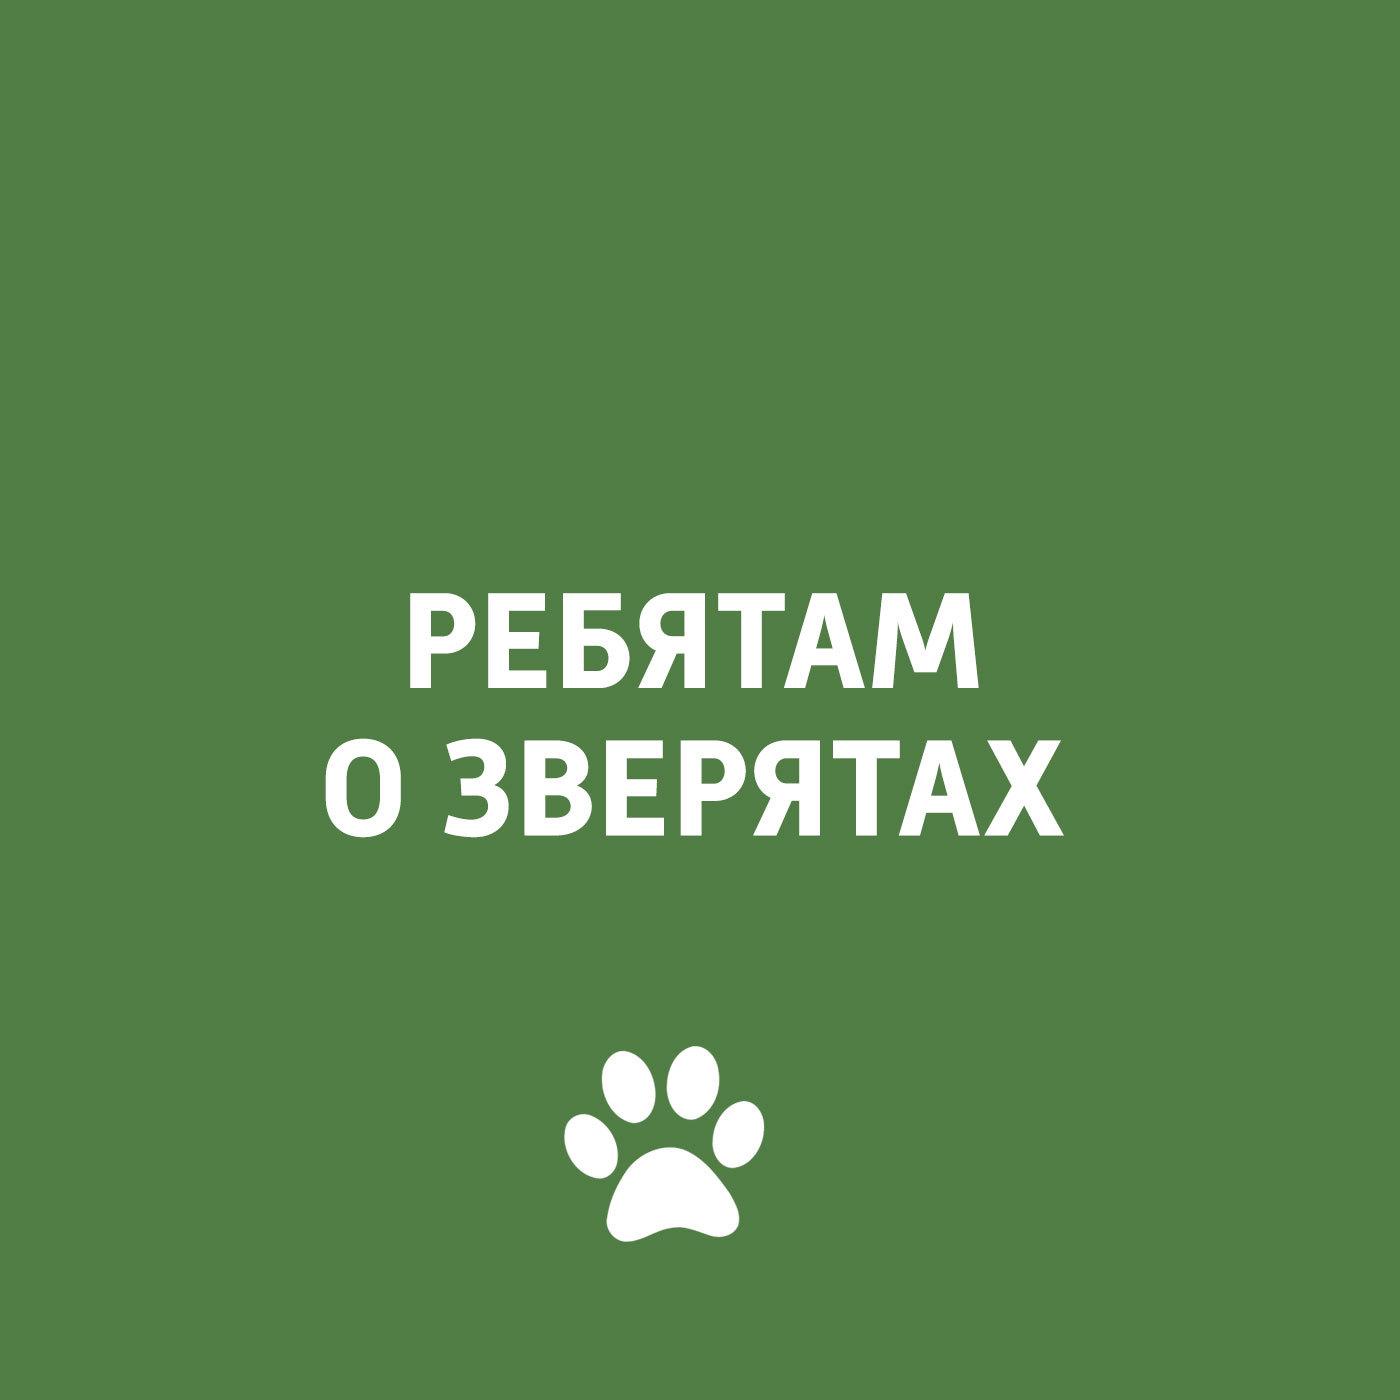 Творческий коллектив программы «Пора домой» Городская фауна будущего творческий коллектив программы пора домой вирусные заболевания у кошек и собак